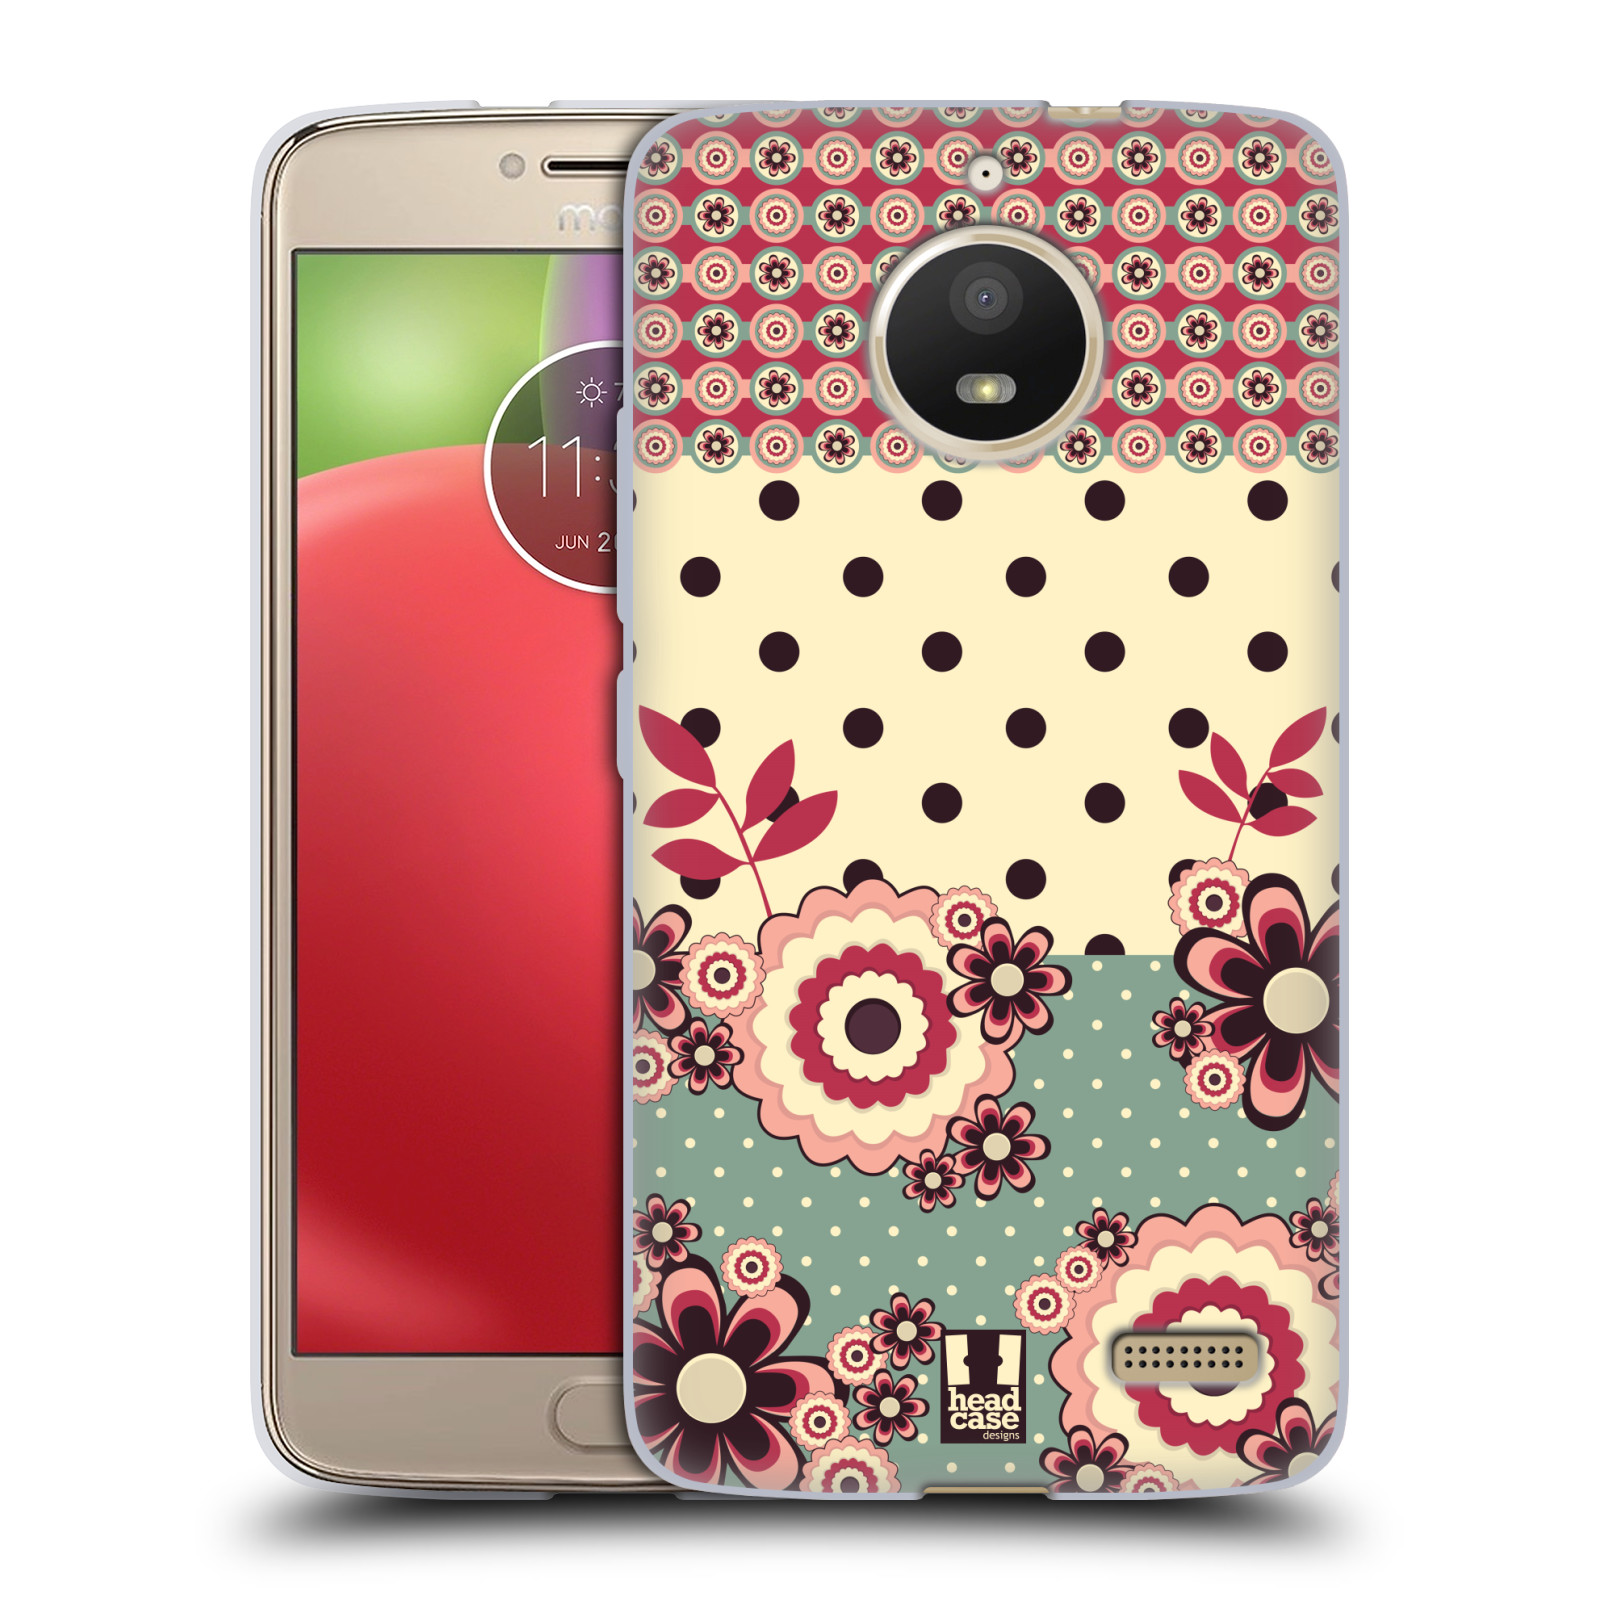 Silikonové pouzdro na mobil Lenovo Moto E4 - Head Case - KVÍTKA PINK CREAM (Silikonový kryt či obal na mobilní telefon Lenovo Moto E4 s motivem KVÍTKA PINK CREAM)